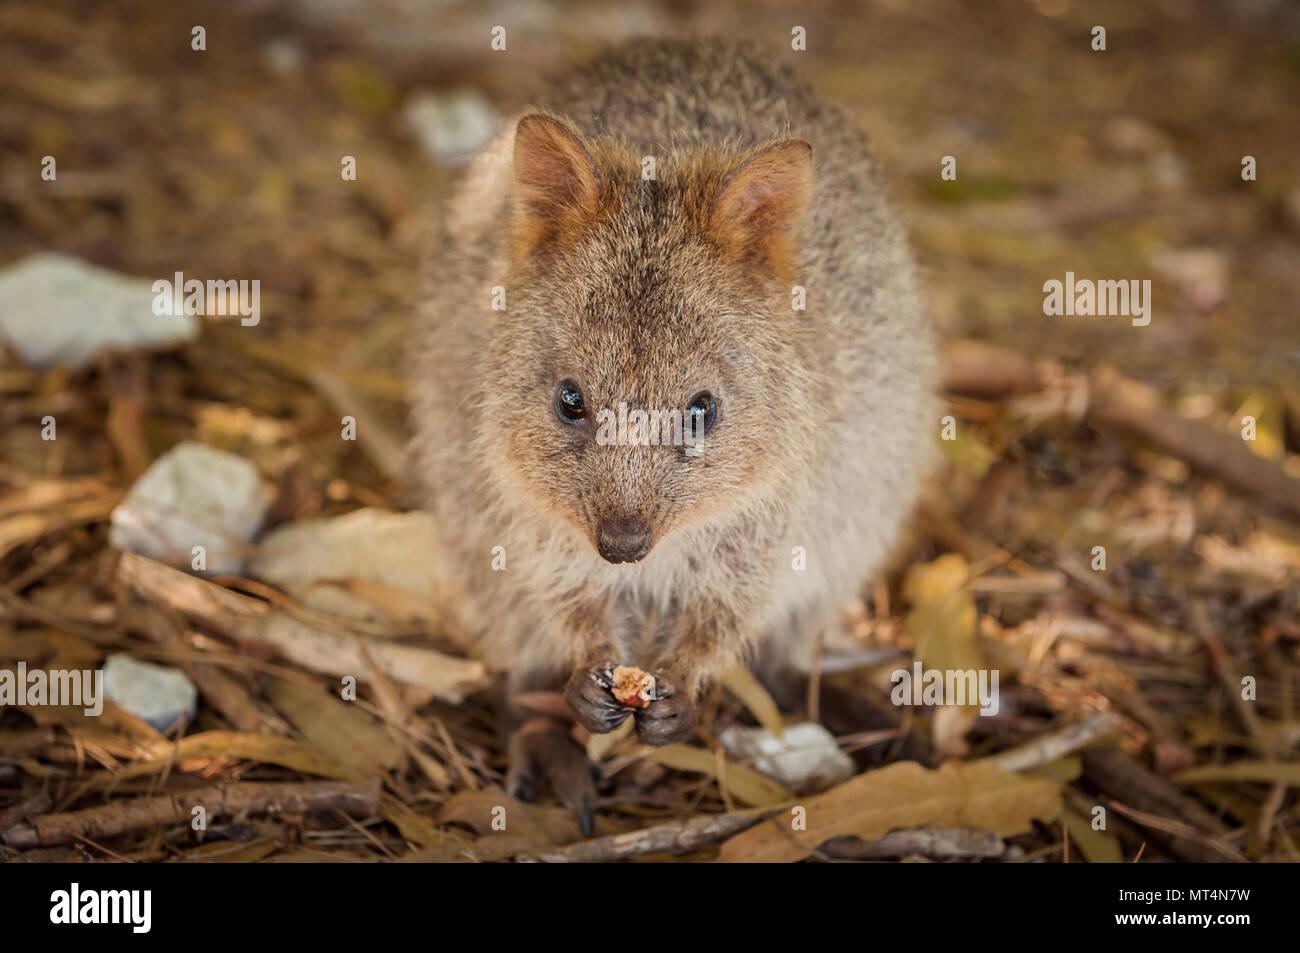 Le Quokka est un des rares espèces de kangourou ne se trouve que sur l'île Rottnest. Photo Stock